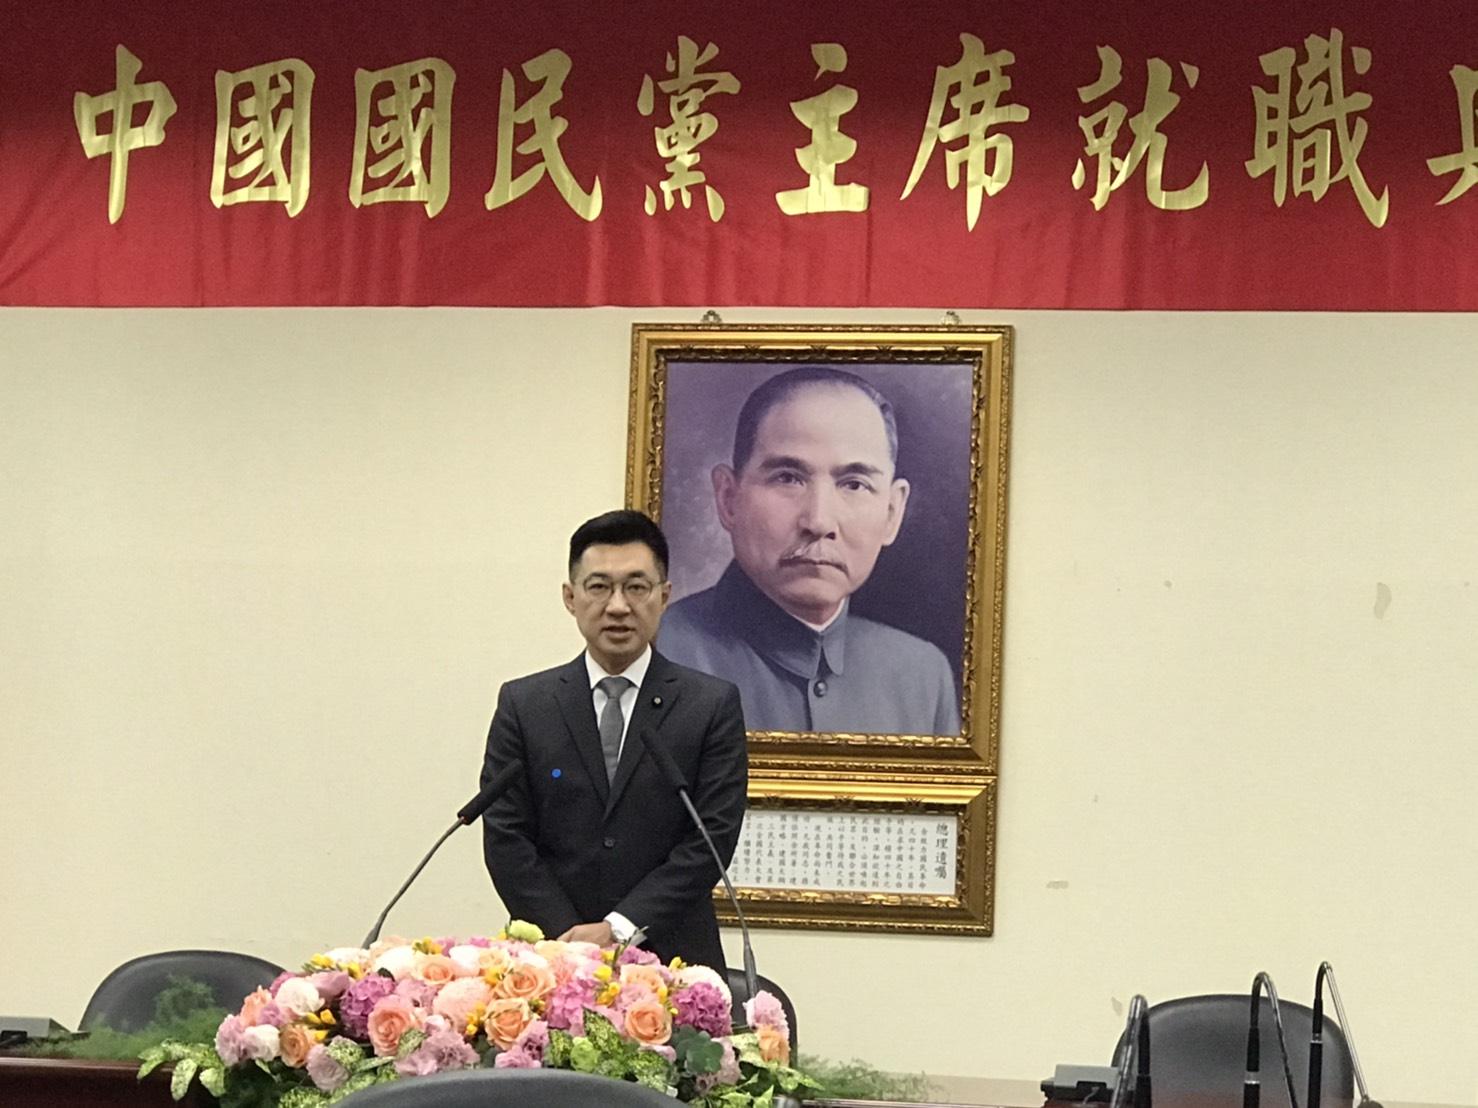 國民黨新任黨主席江啟臣9日正式就職。(李怡欣/大紀元)